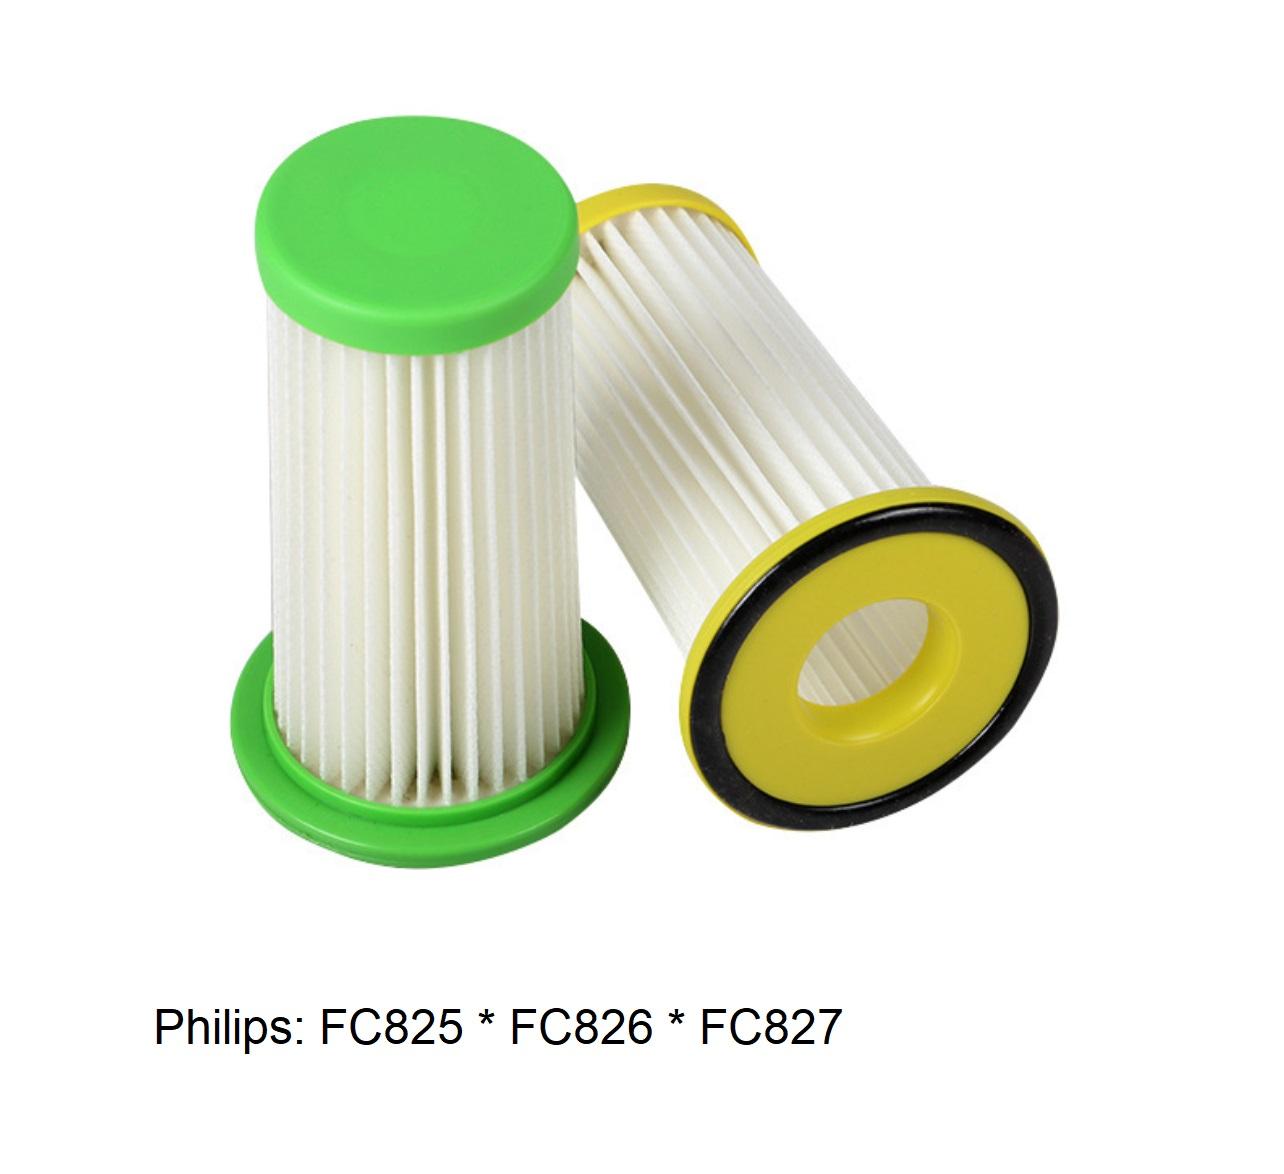 Bộ lọc HEPA máy hút bụi thay thế cho PhiIips FC8250 FC8254 FC8256